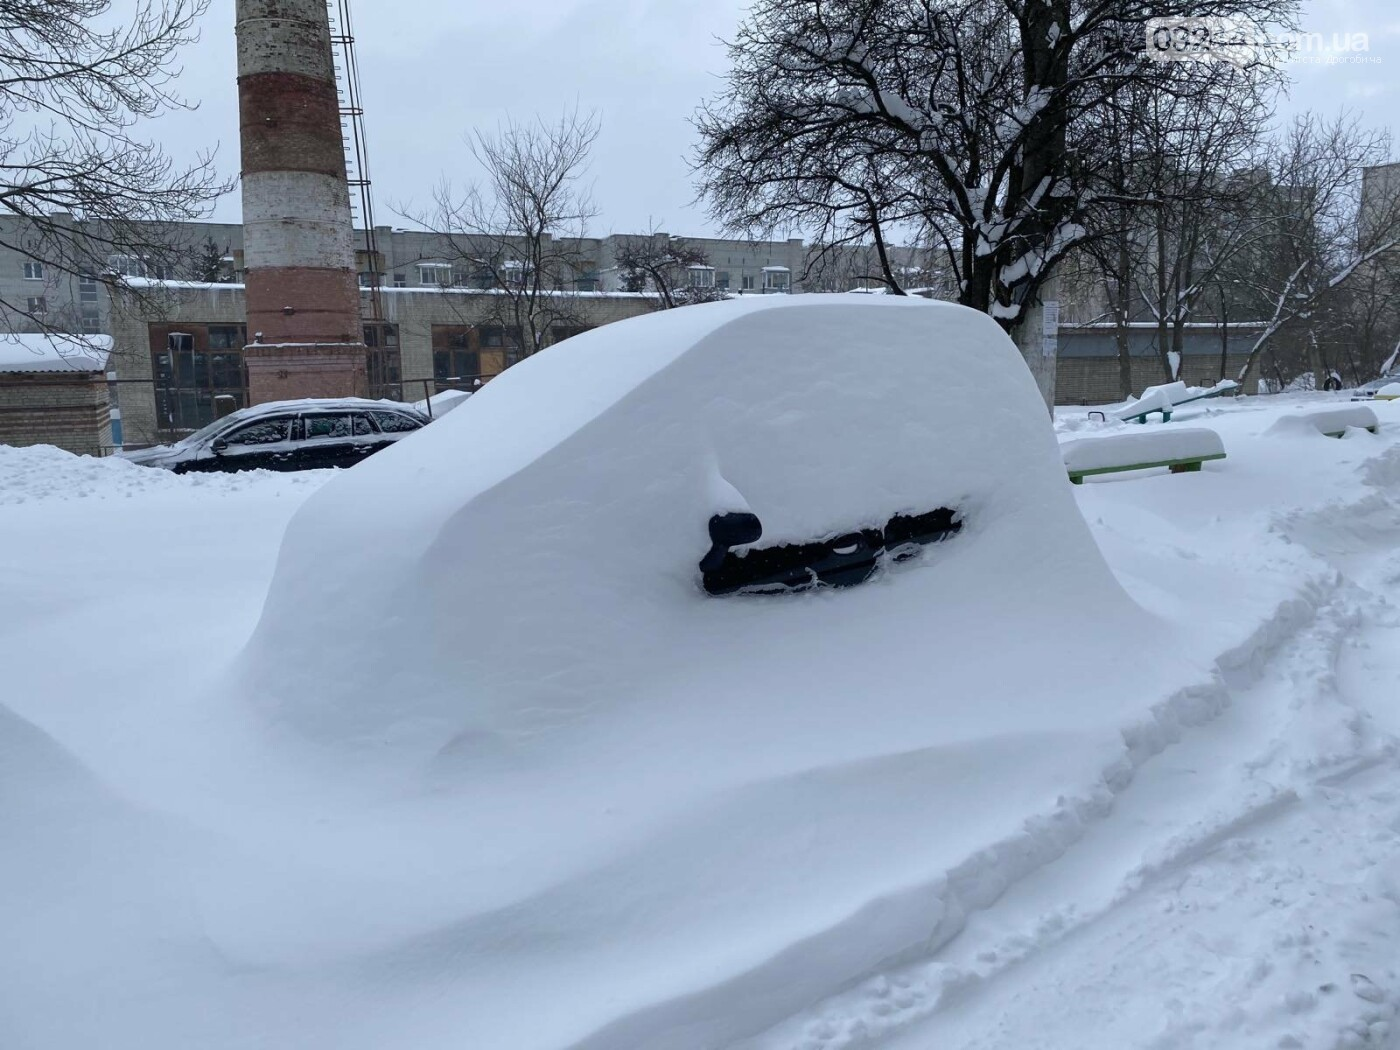 Притрусило: негода перетворила автівки, які не виїжджали кілька днів, на снігові кургани, - ФОТОРЕПОРТАЖ, фото-3